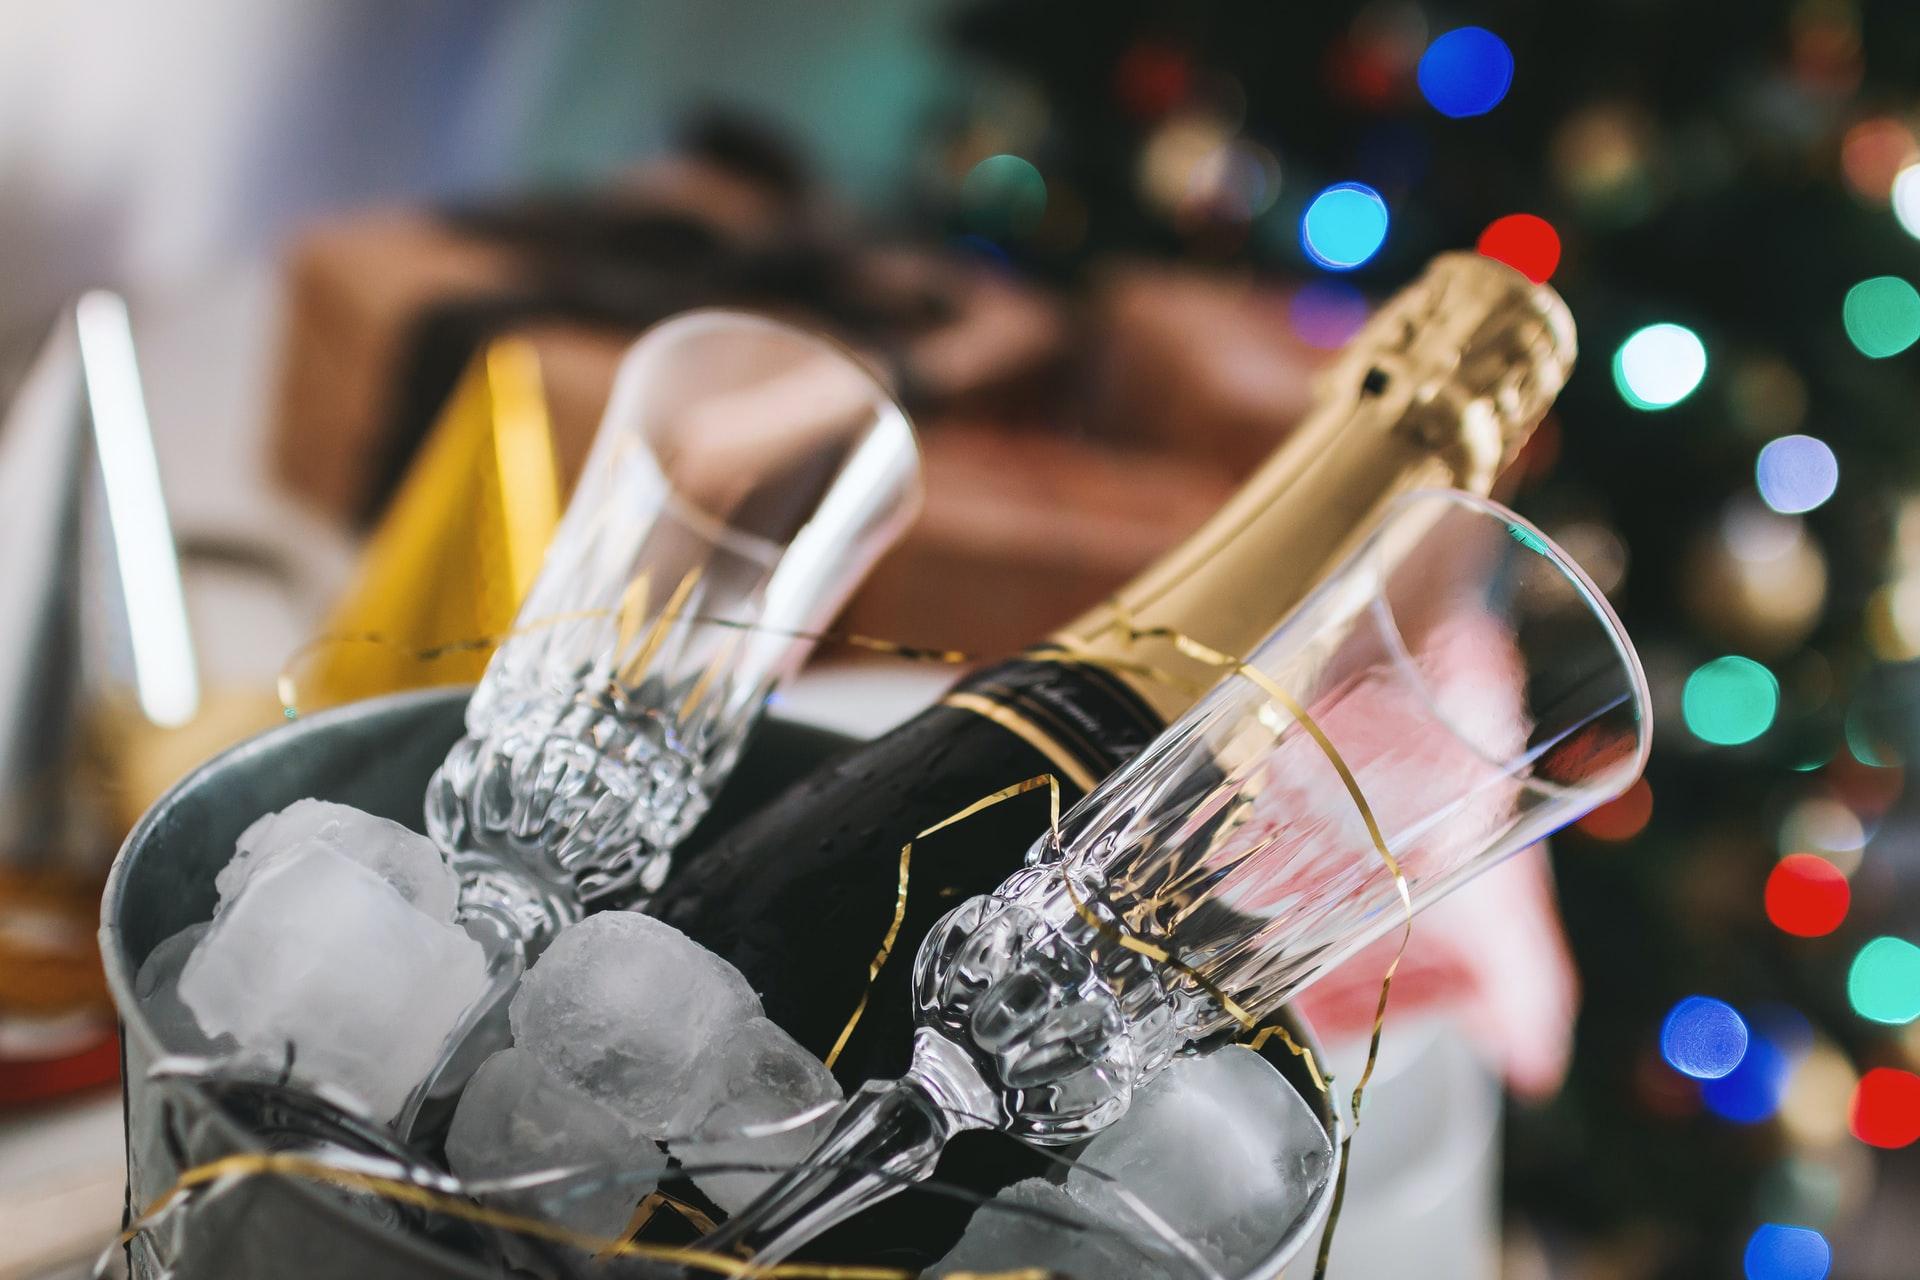 アイスペール、ワイン、シャンパーニュ、グラス